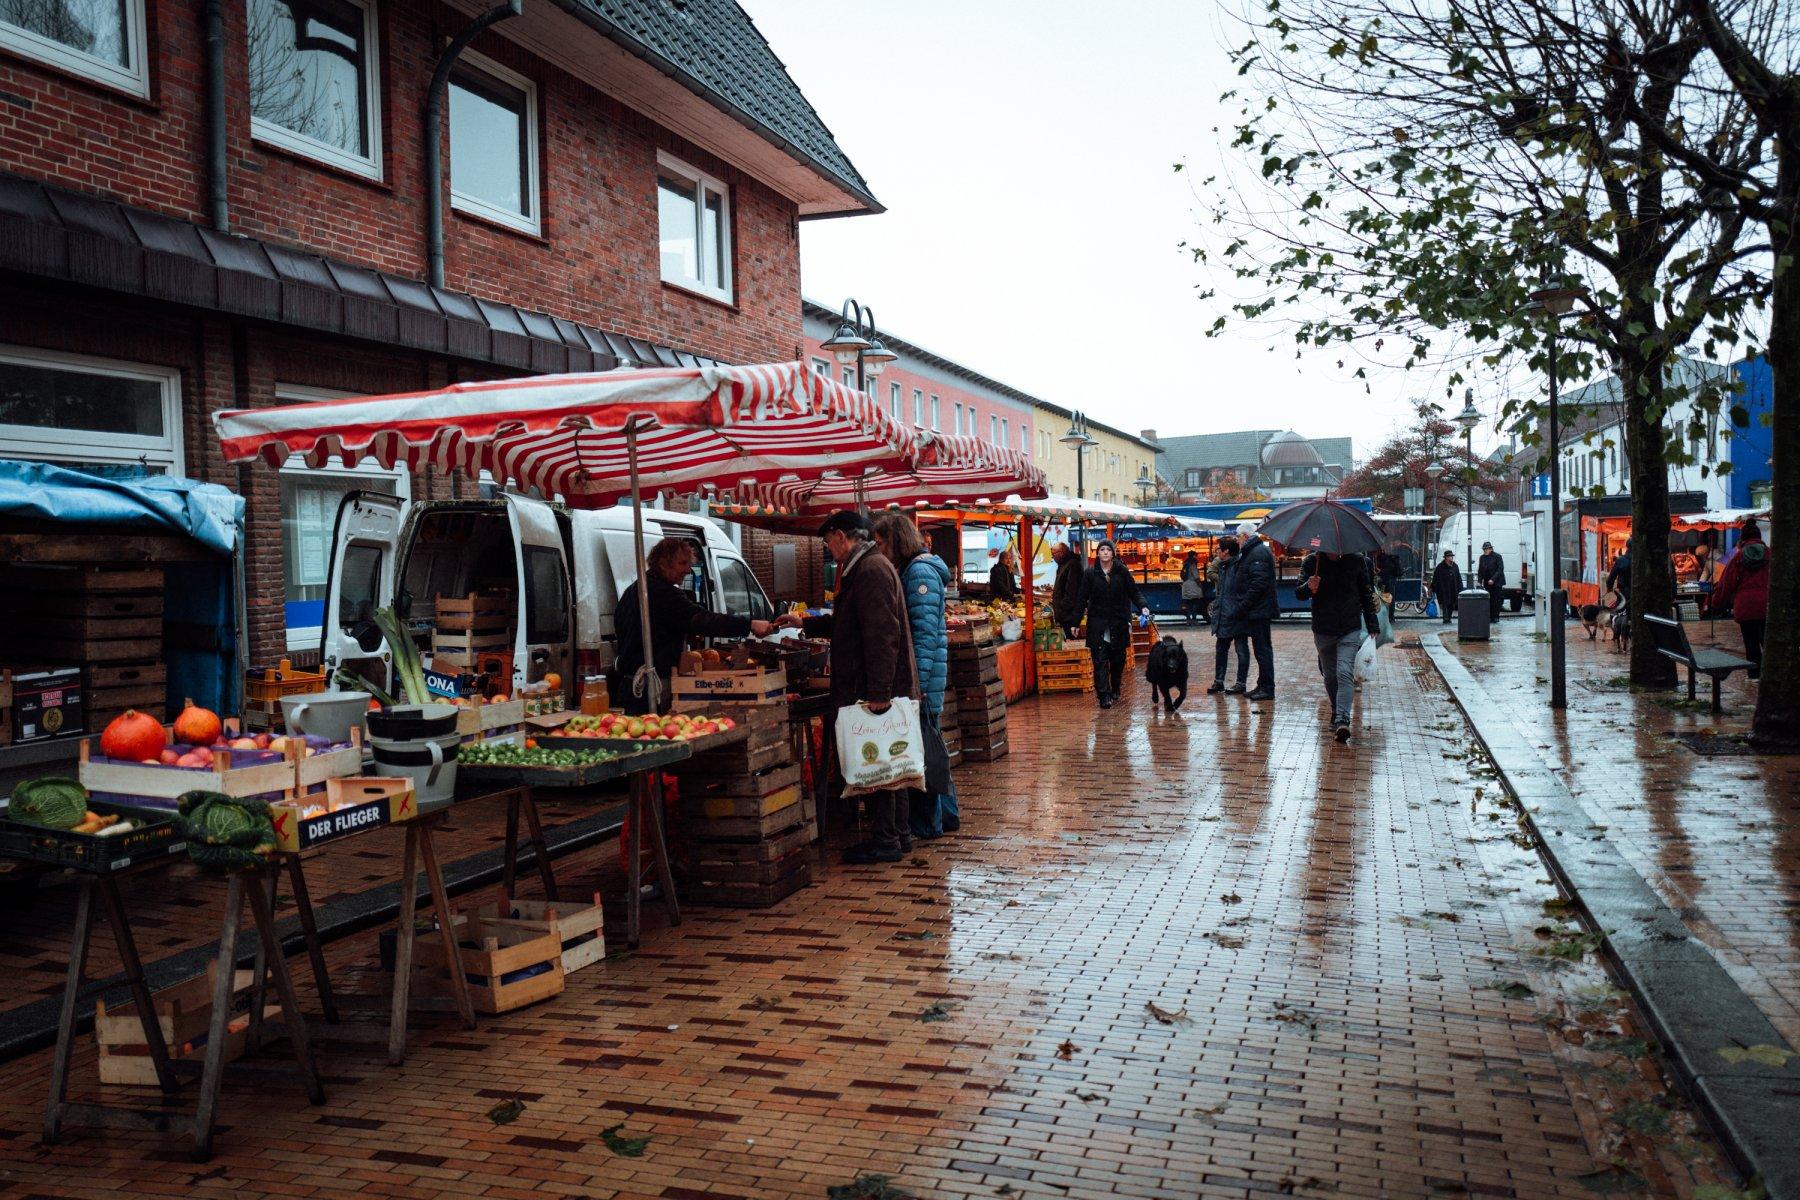 Geheimtipp Hamburg Nordsee Tourismus Winterkampagne 2019 Husum Jan Traupe 04